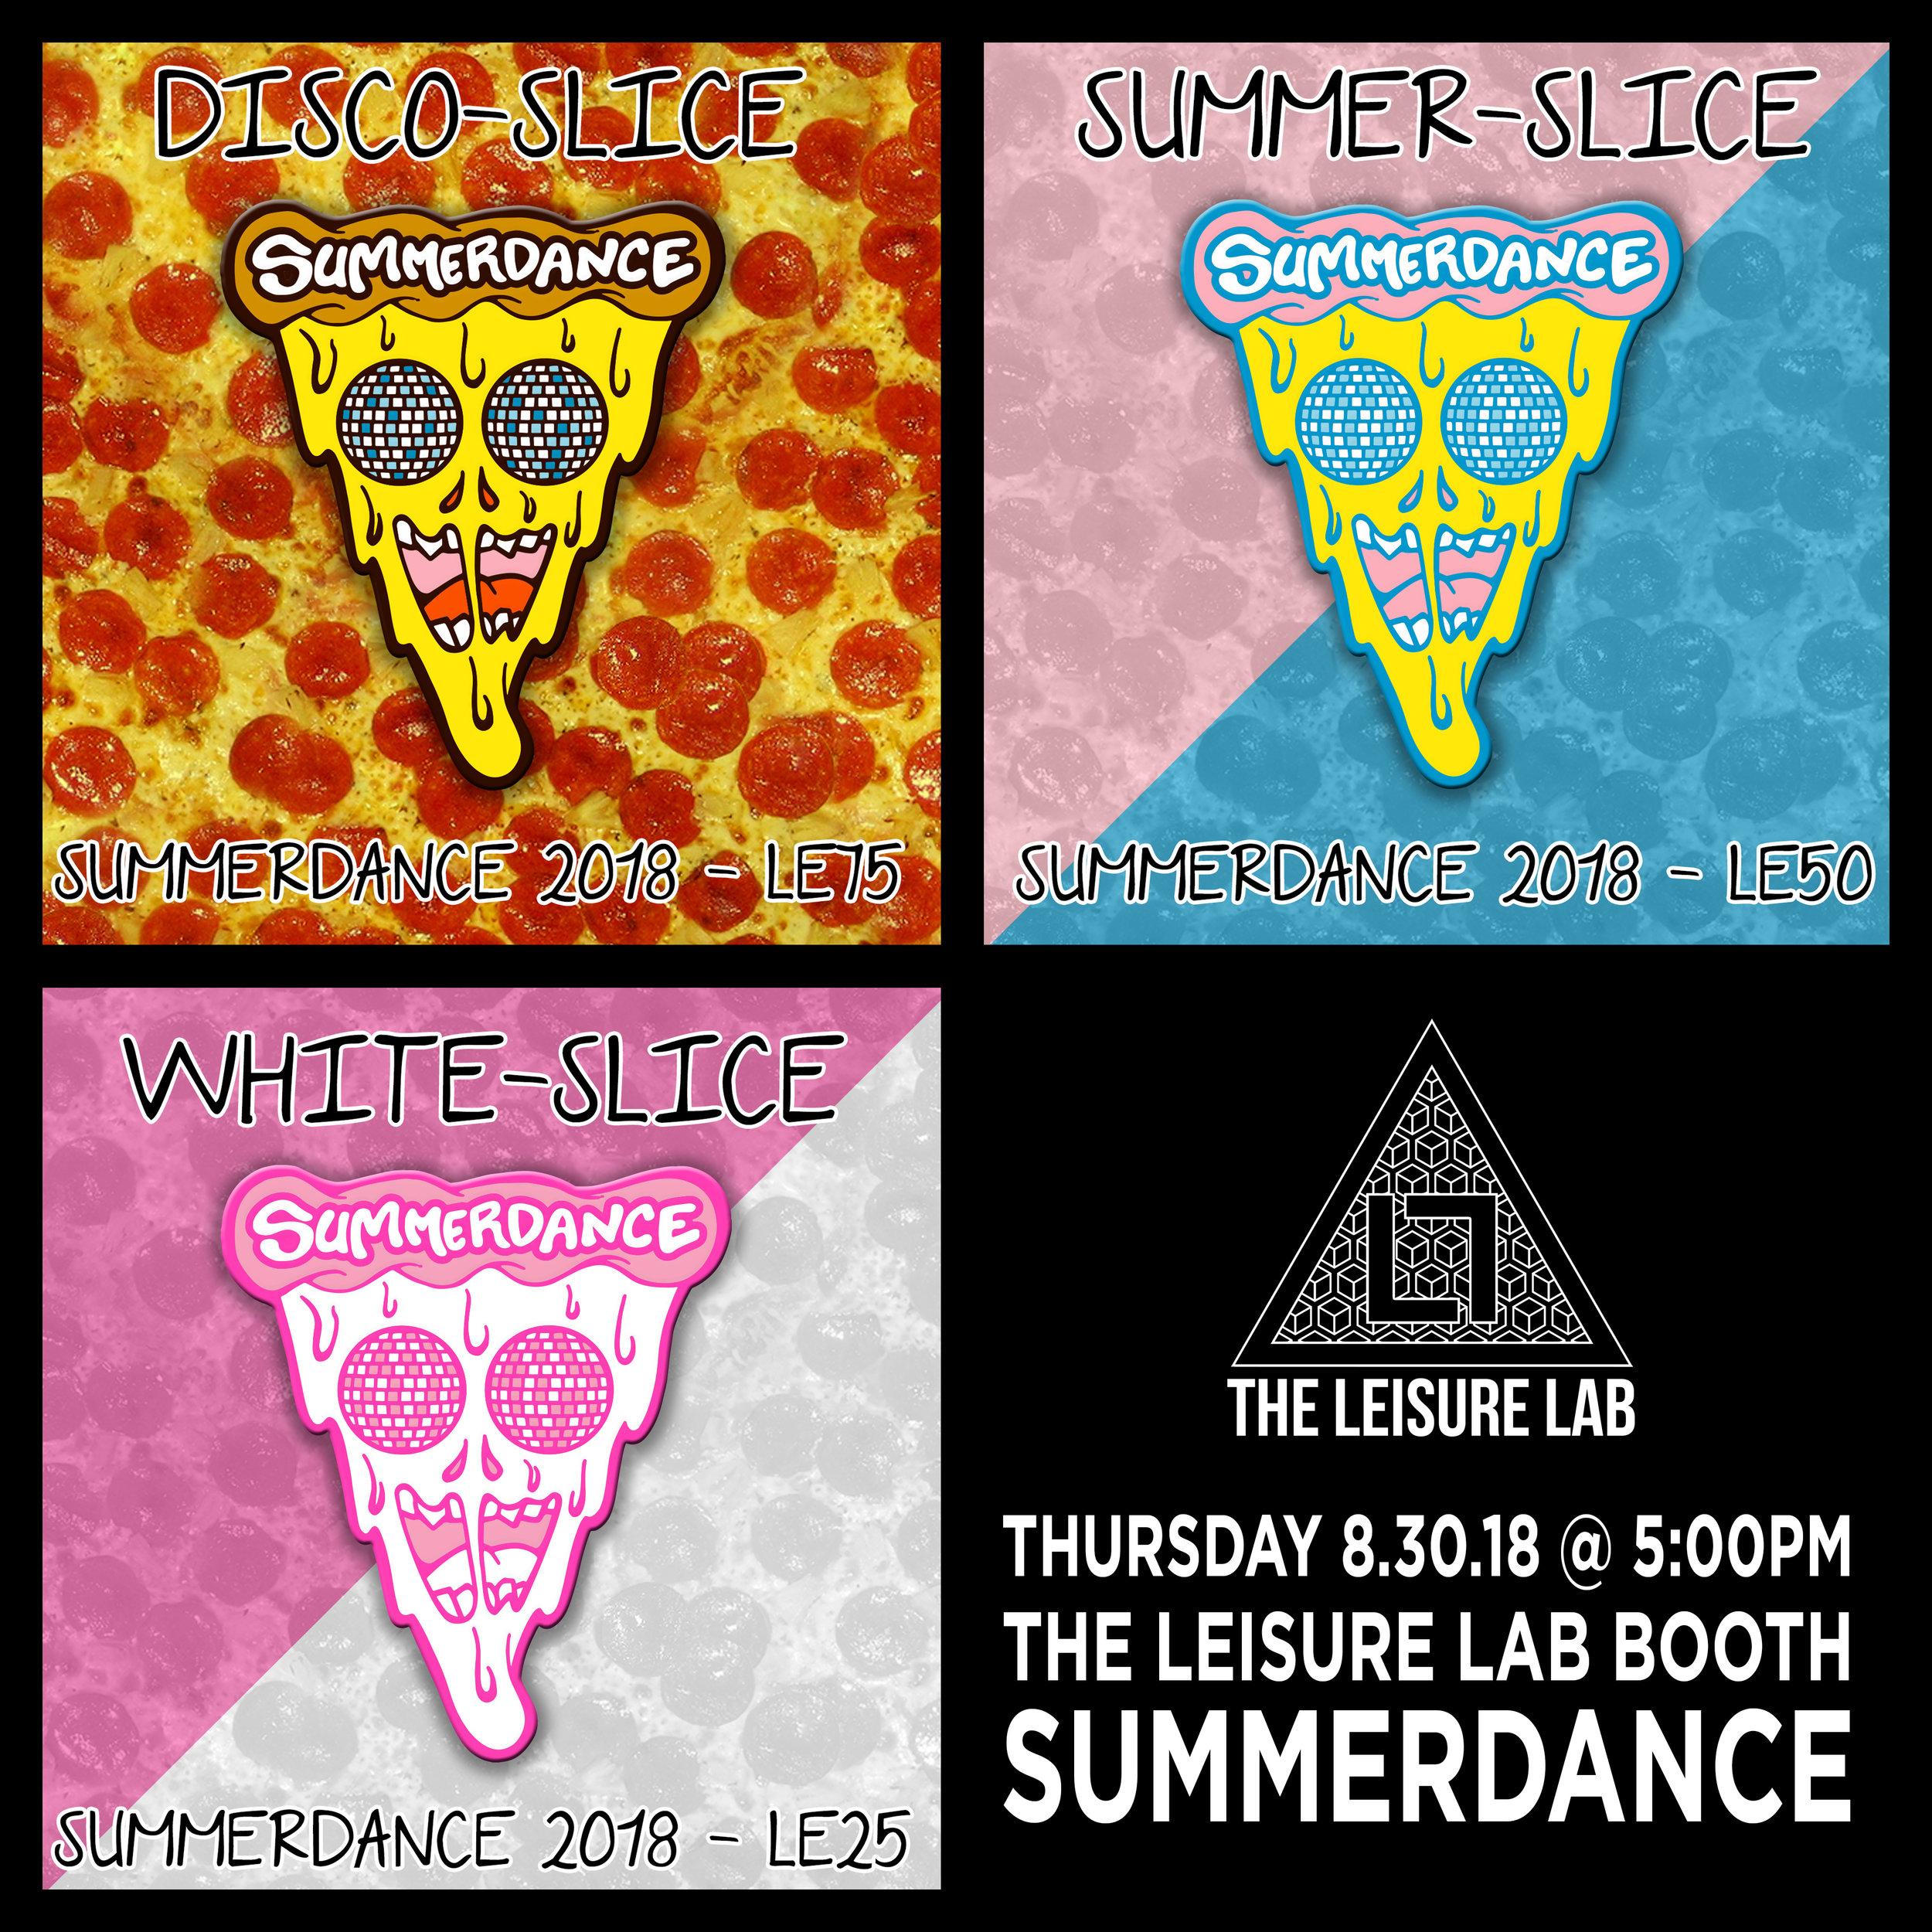 Summerdance Pin Promo Image.jpg